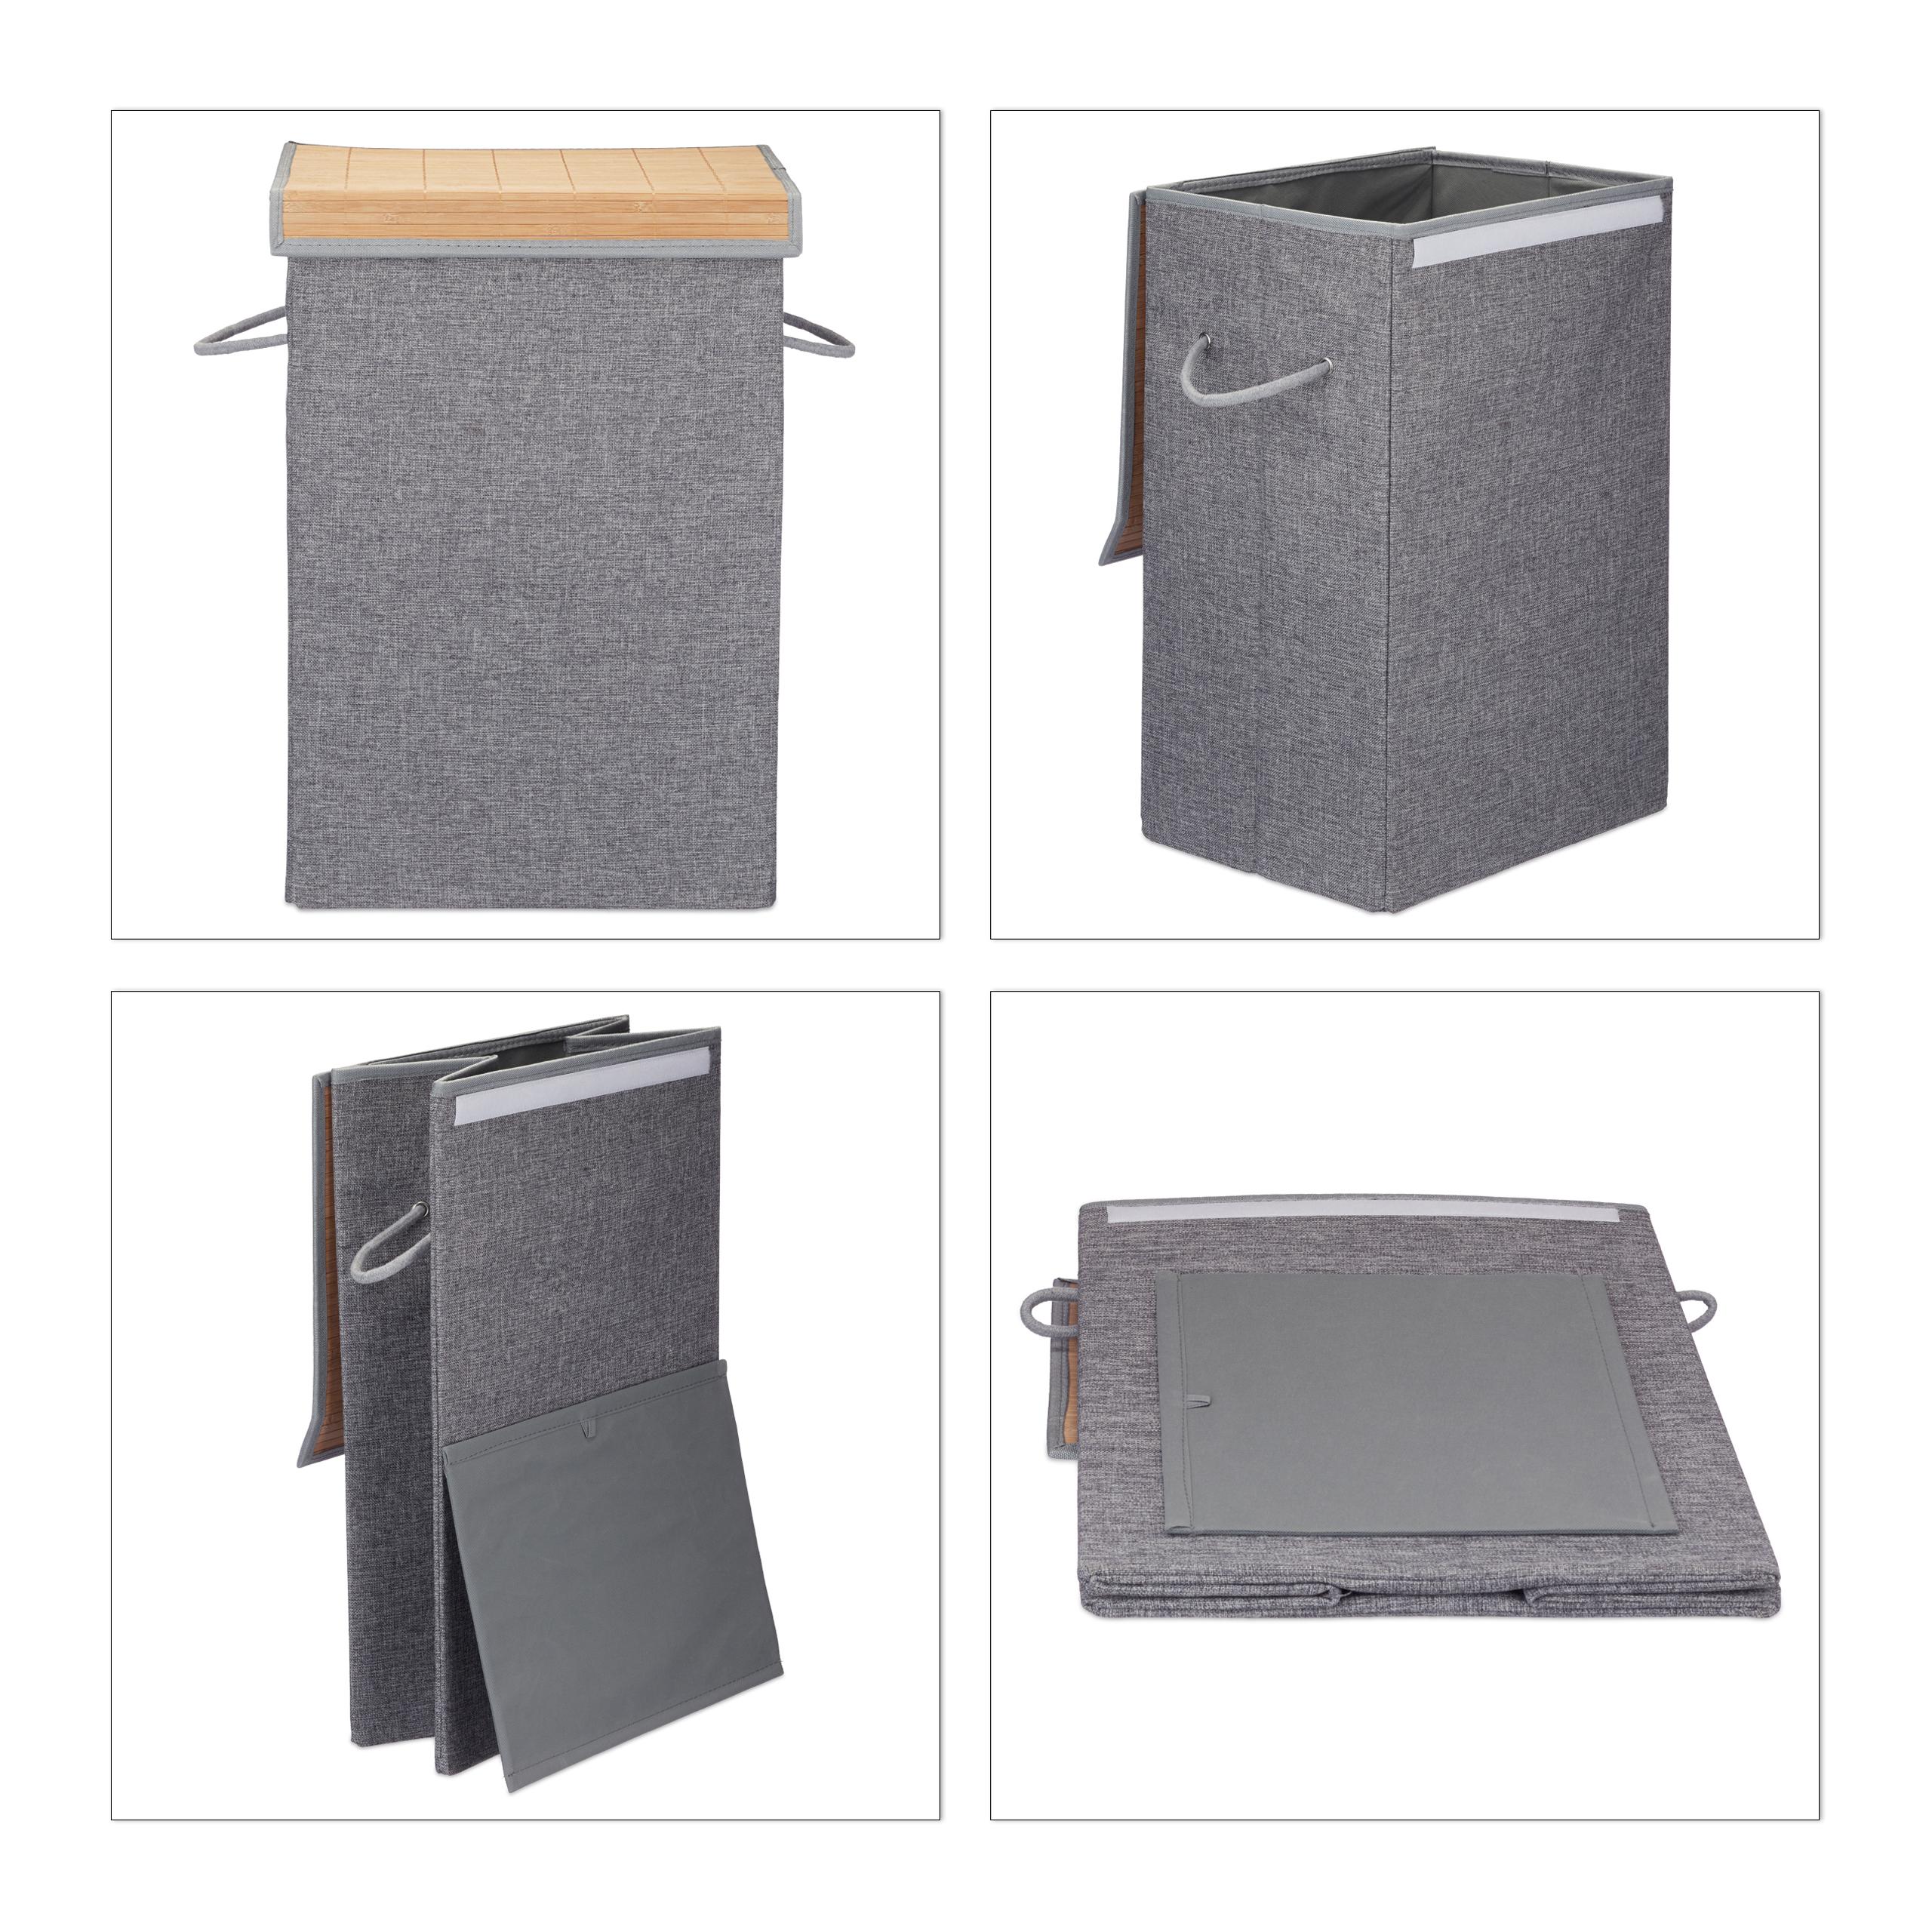 Faltbarer Wäschesammler Wäschekorb Klettdeckel Henkel 60 l Wäschebox Wäschesack